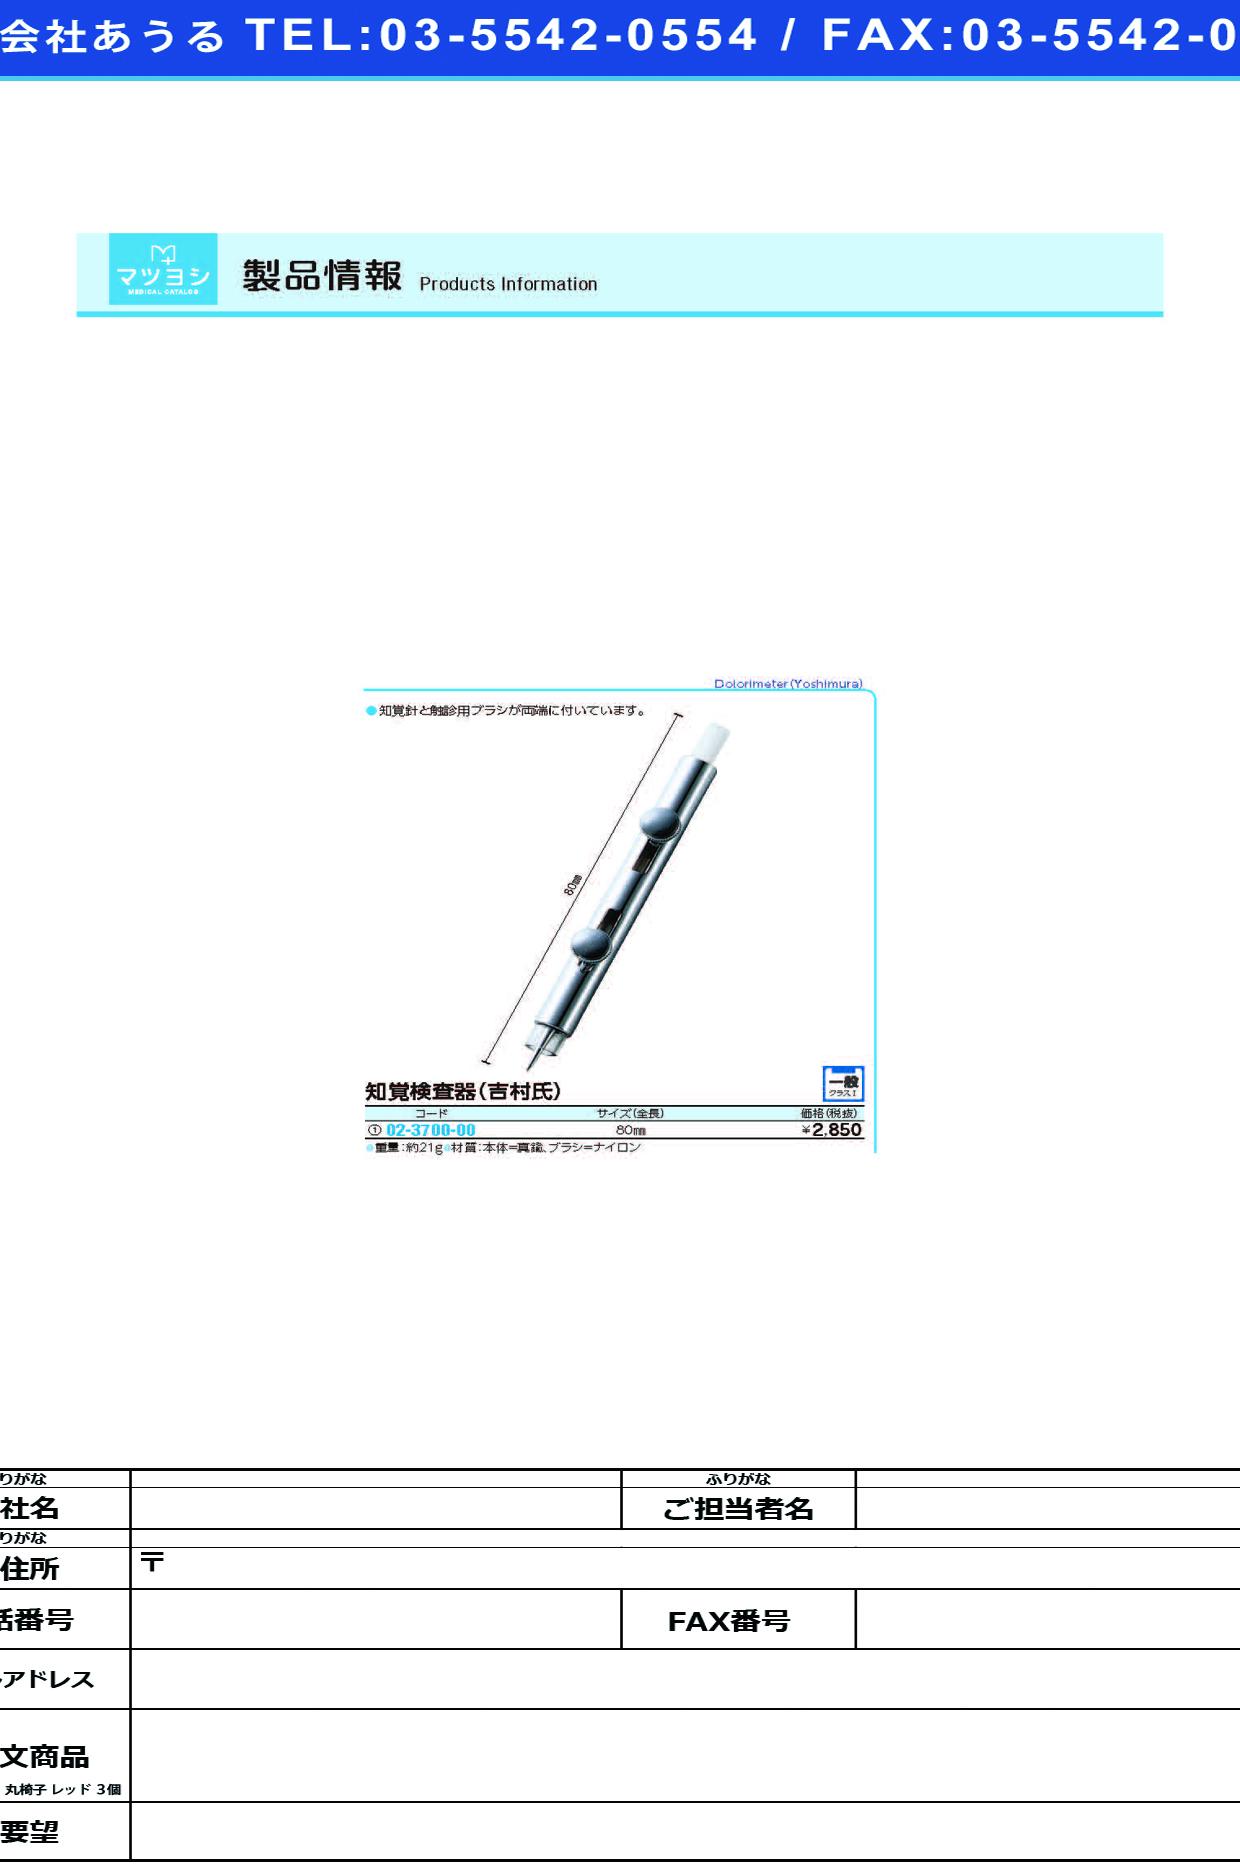 (02-3700-00)知覚検査器(吉村氏)真鍮  チカクケンサキ【1個単位】【2019年カタログ商品】